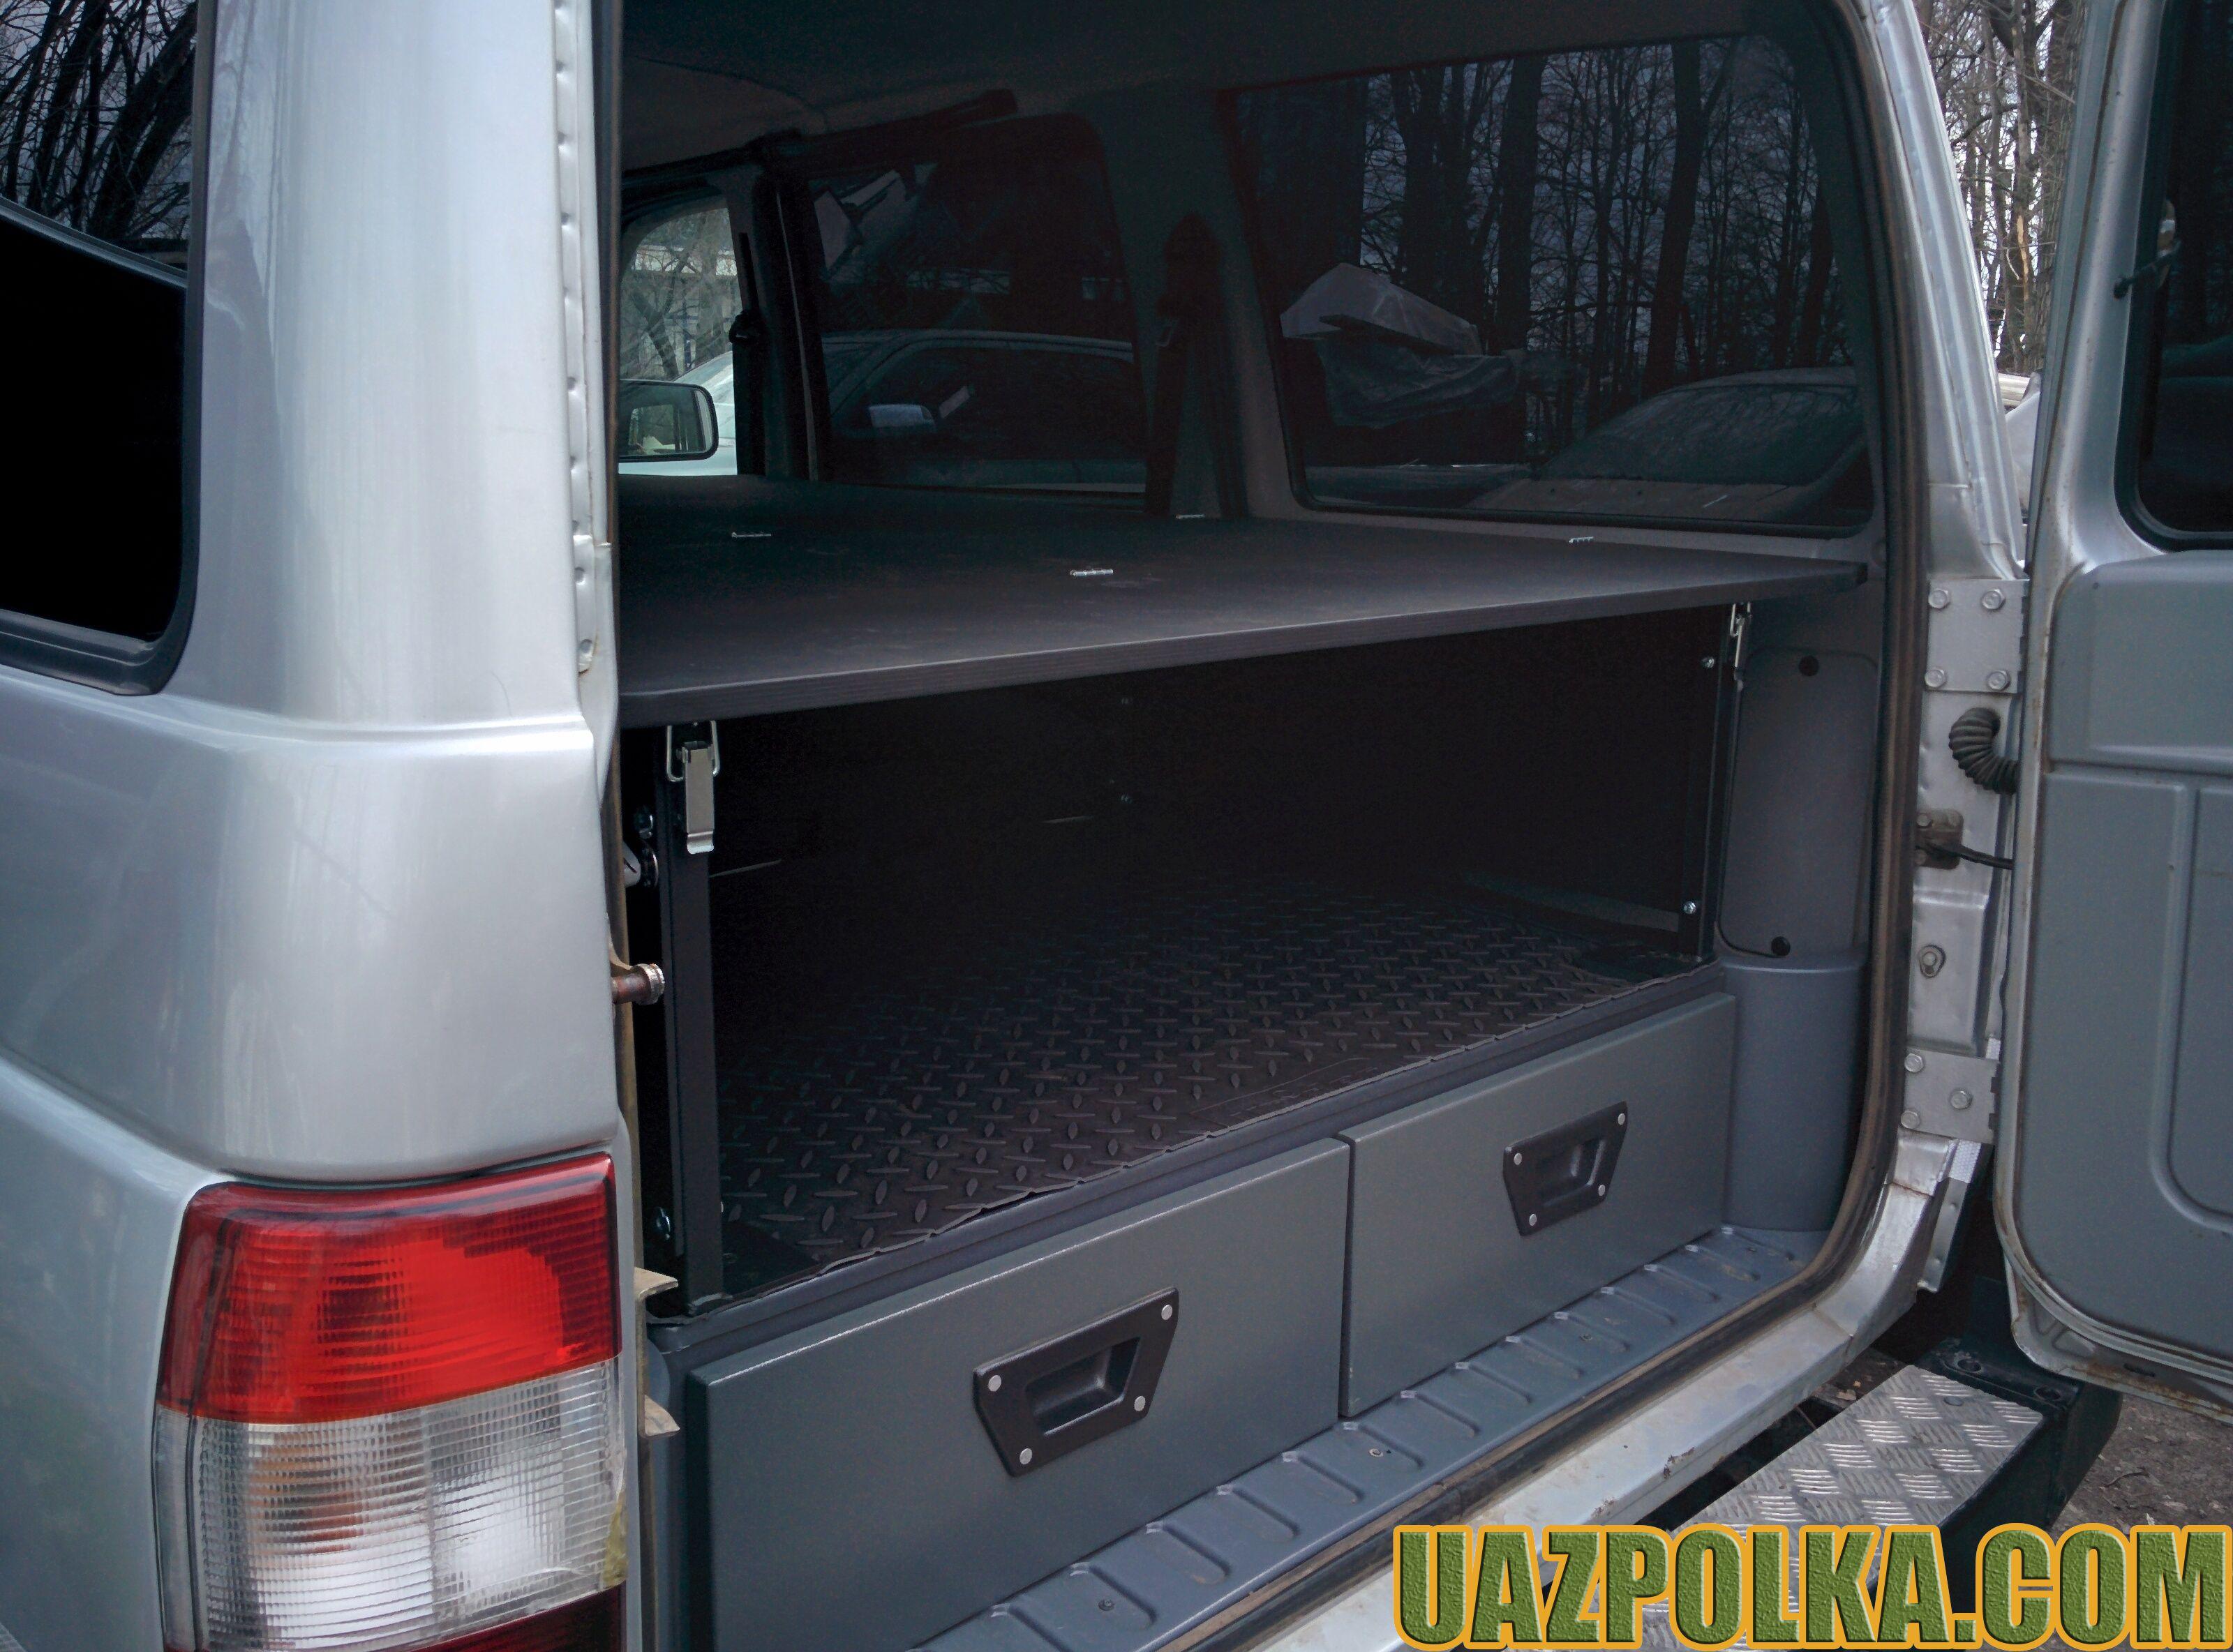 Полка Эконом New с лежанкой на ящиках стороннего производителя_06